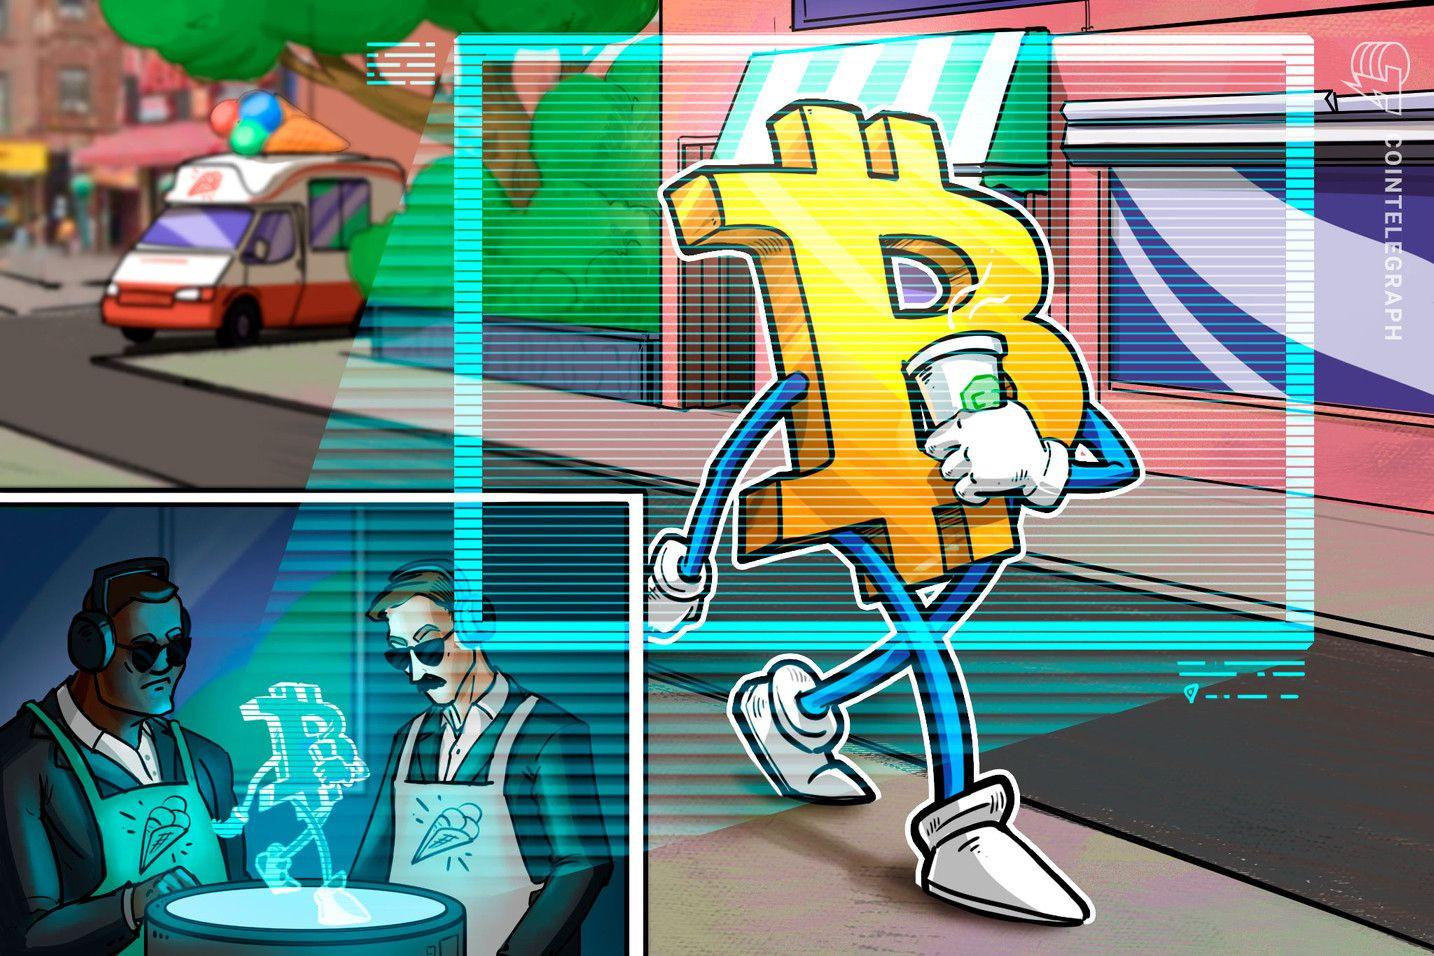 Para los eternos indecisos: ¿Llegó la hora de invertir en Bitcoin?